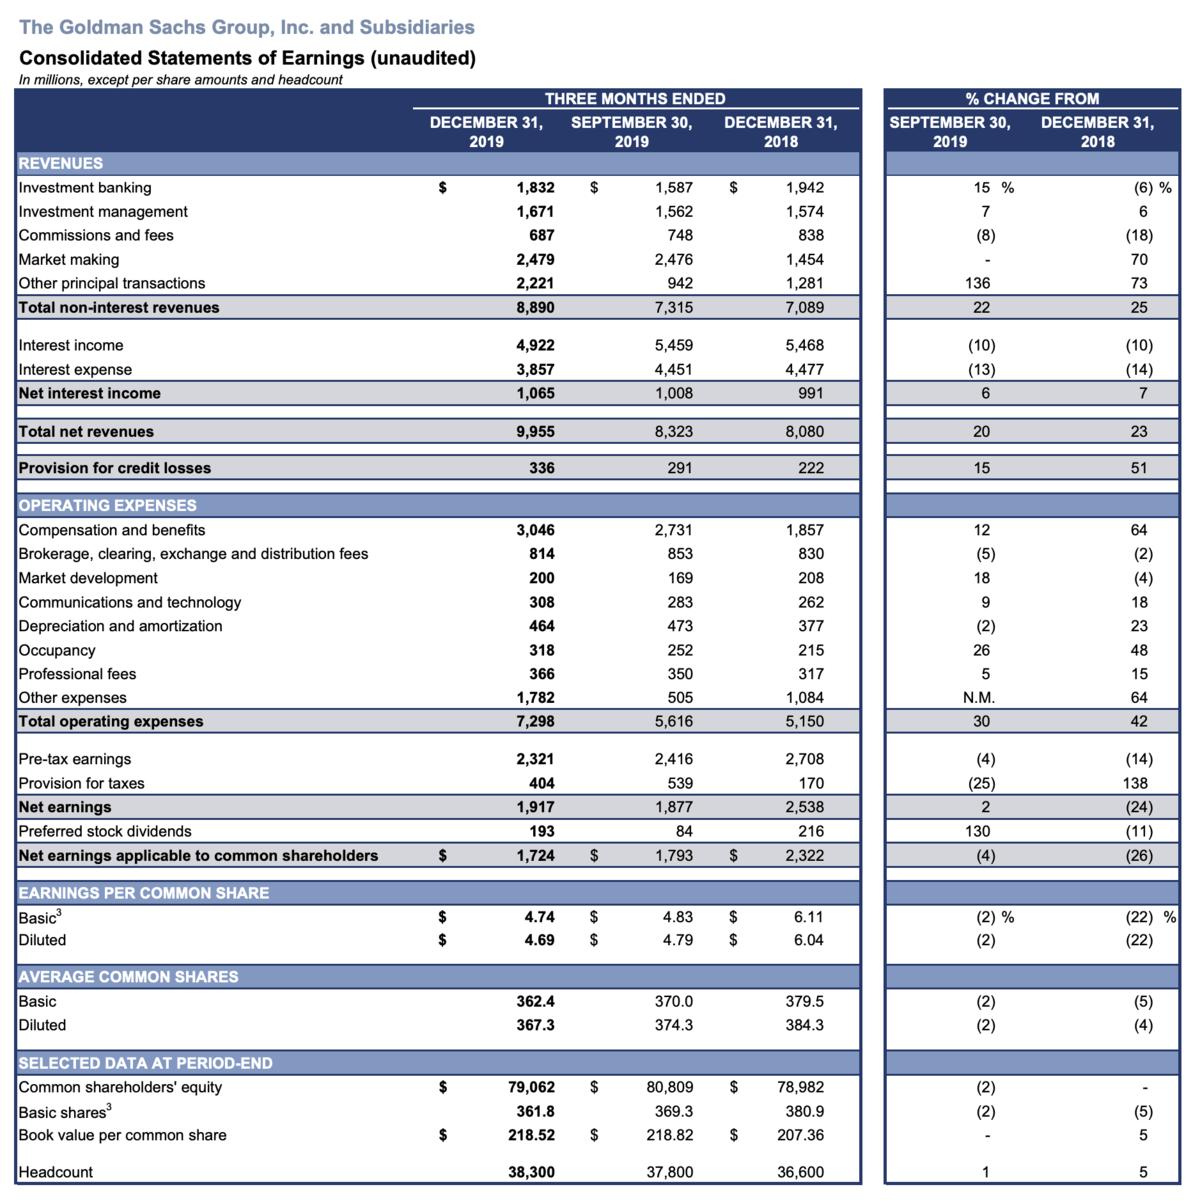 Goldman Sachs Quartalszahlen